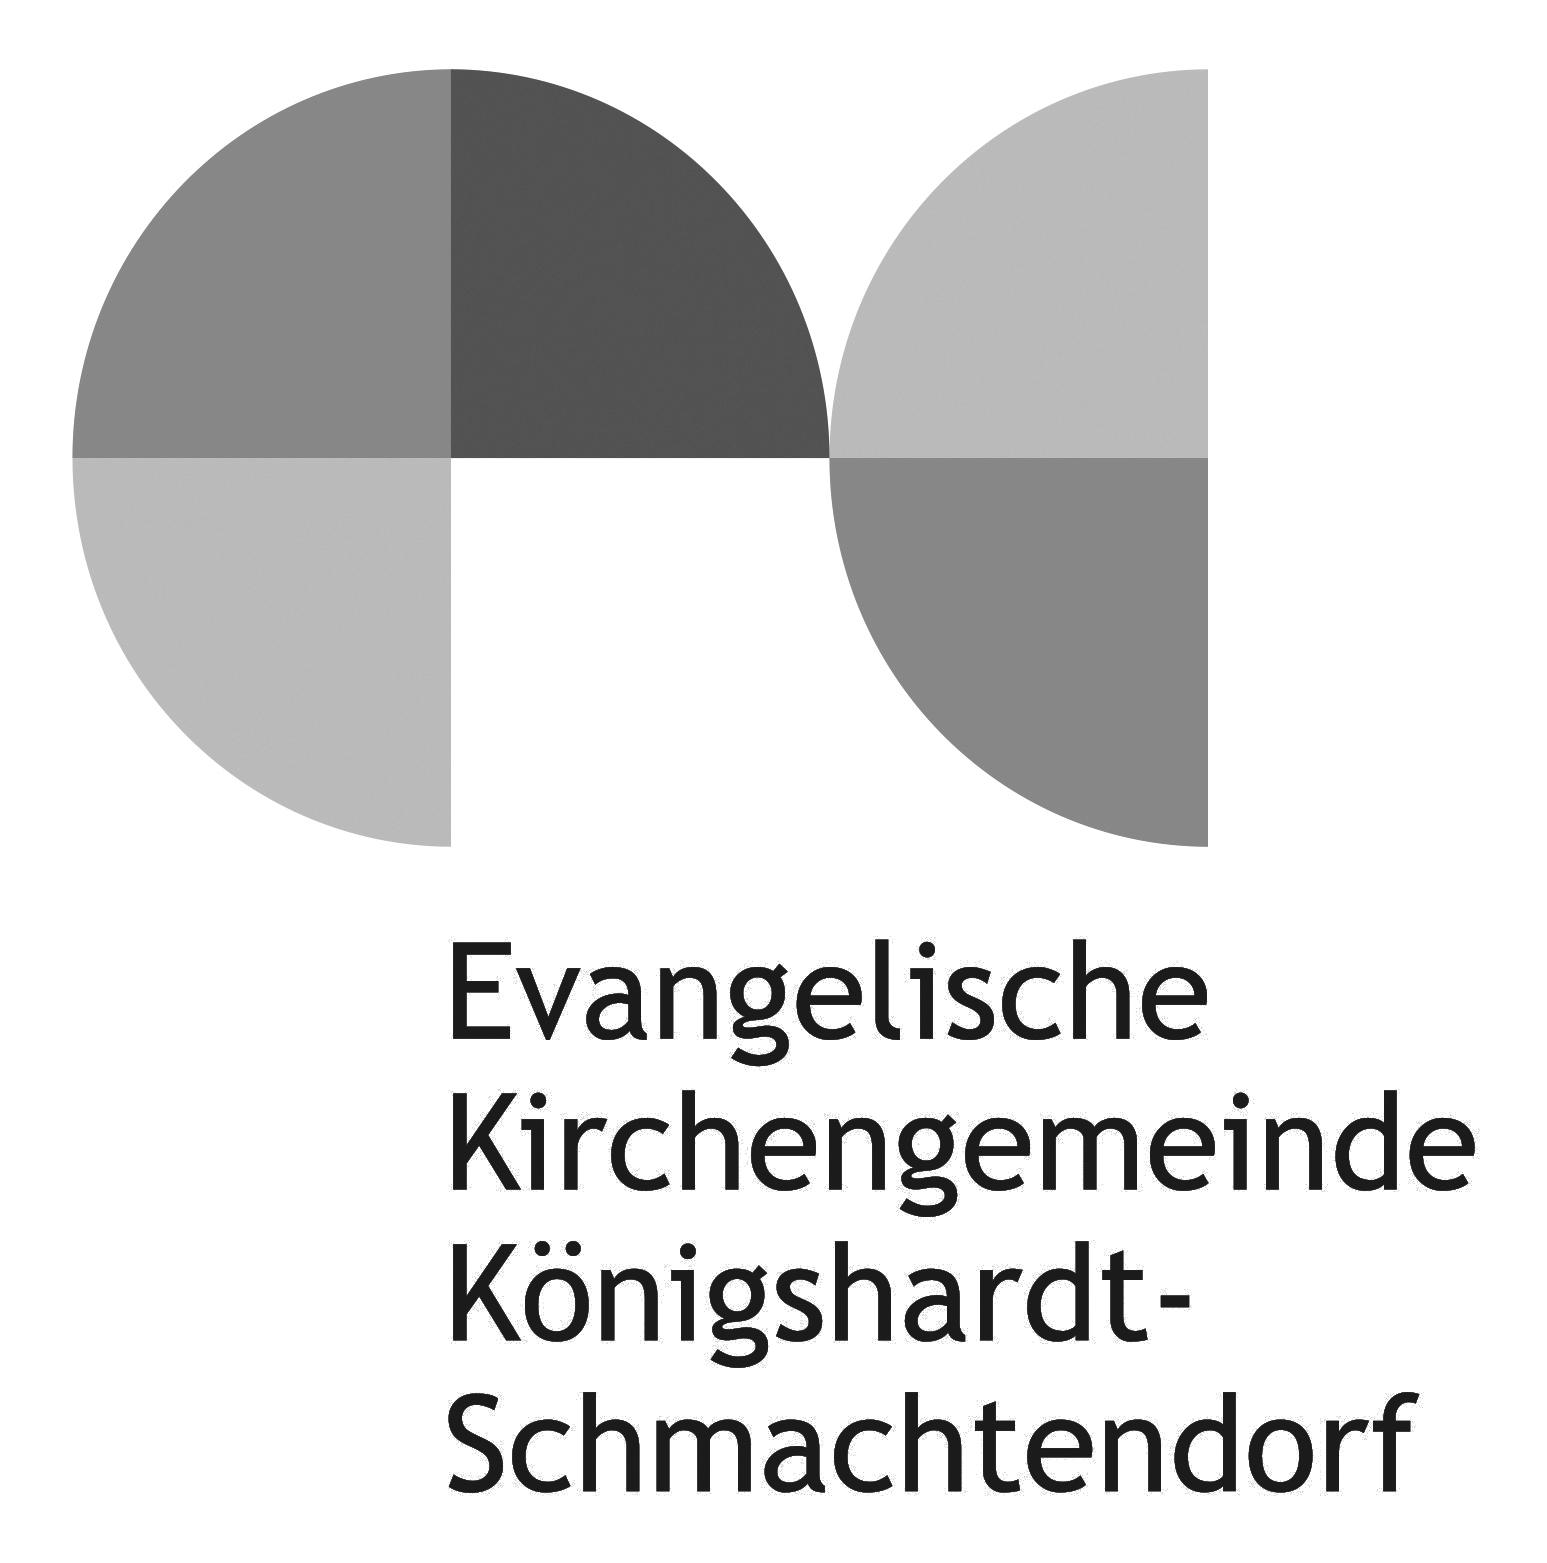 Friedhöfe der Ev. Kirchengemeinde Königshardt-Schmachtendorf